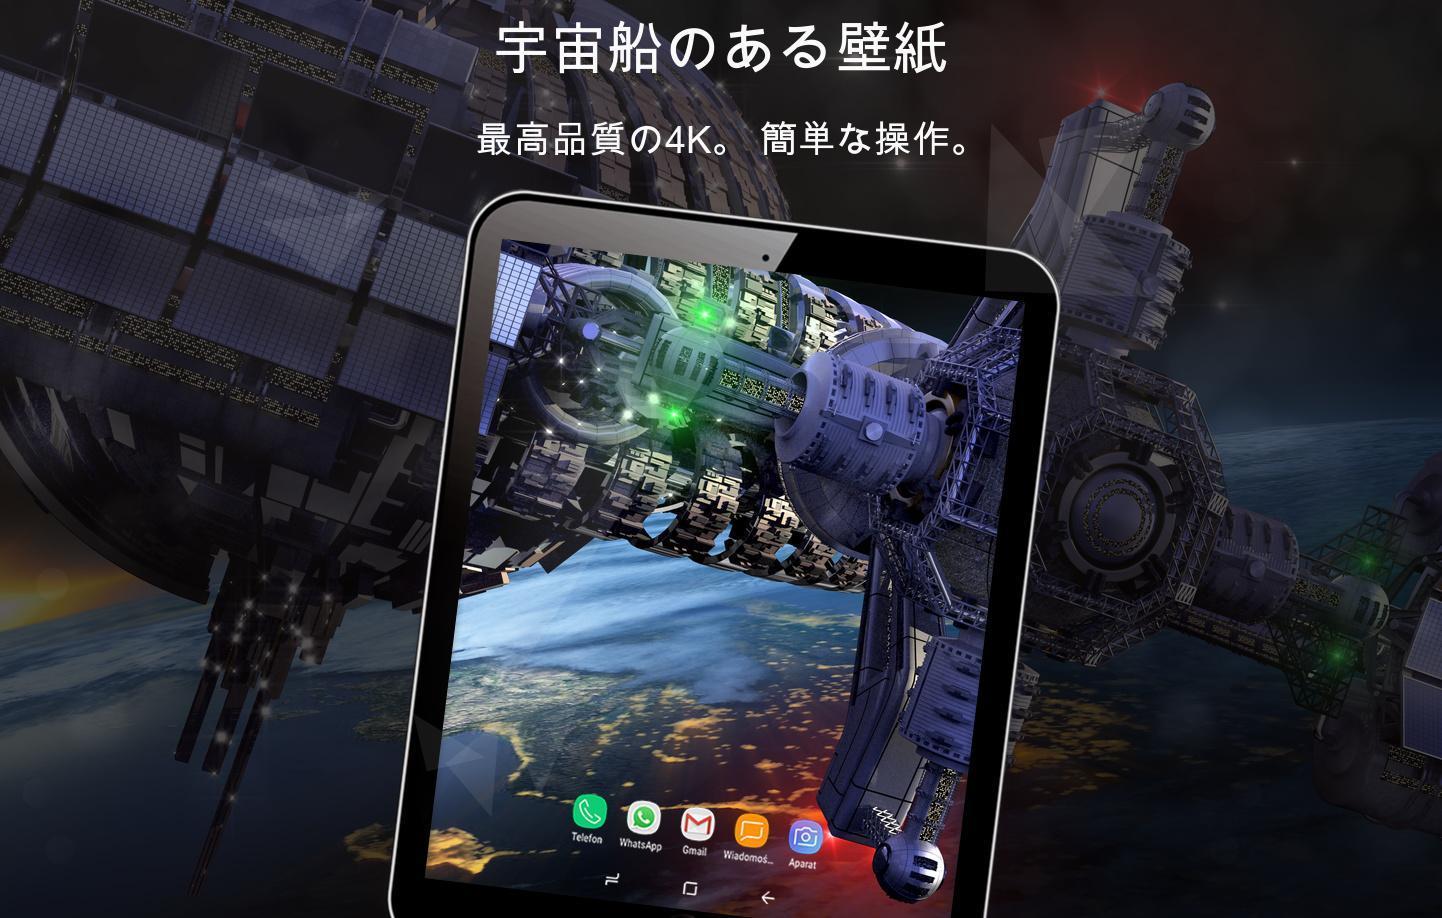 Android 用の 宇宙船のある壁紙4k Apk をダウンロード